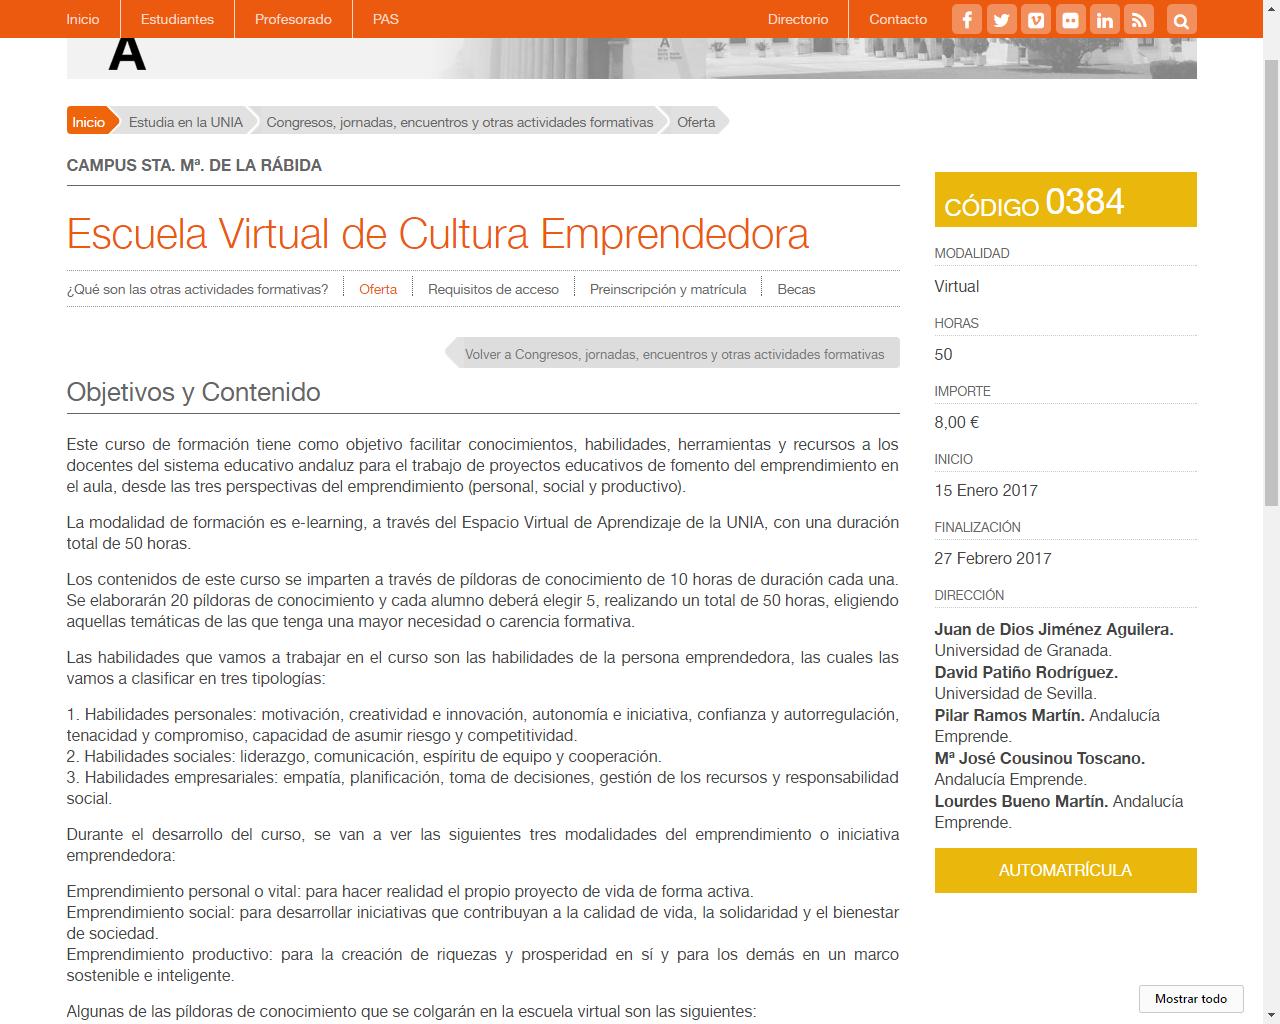 20170113 NP Escuela Virtual Cultura Emprendedora